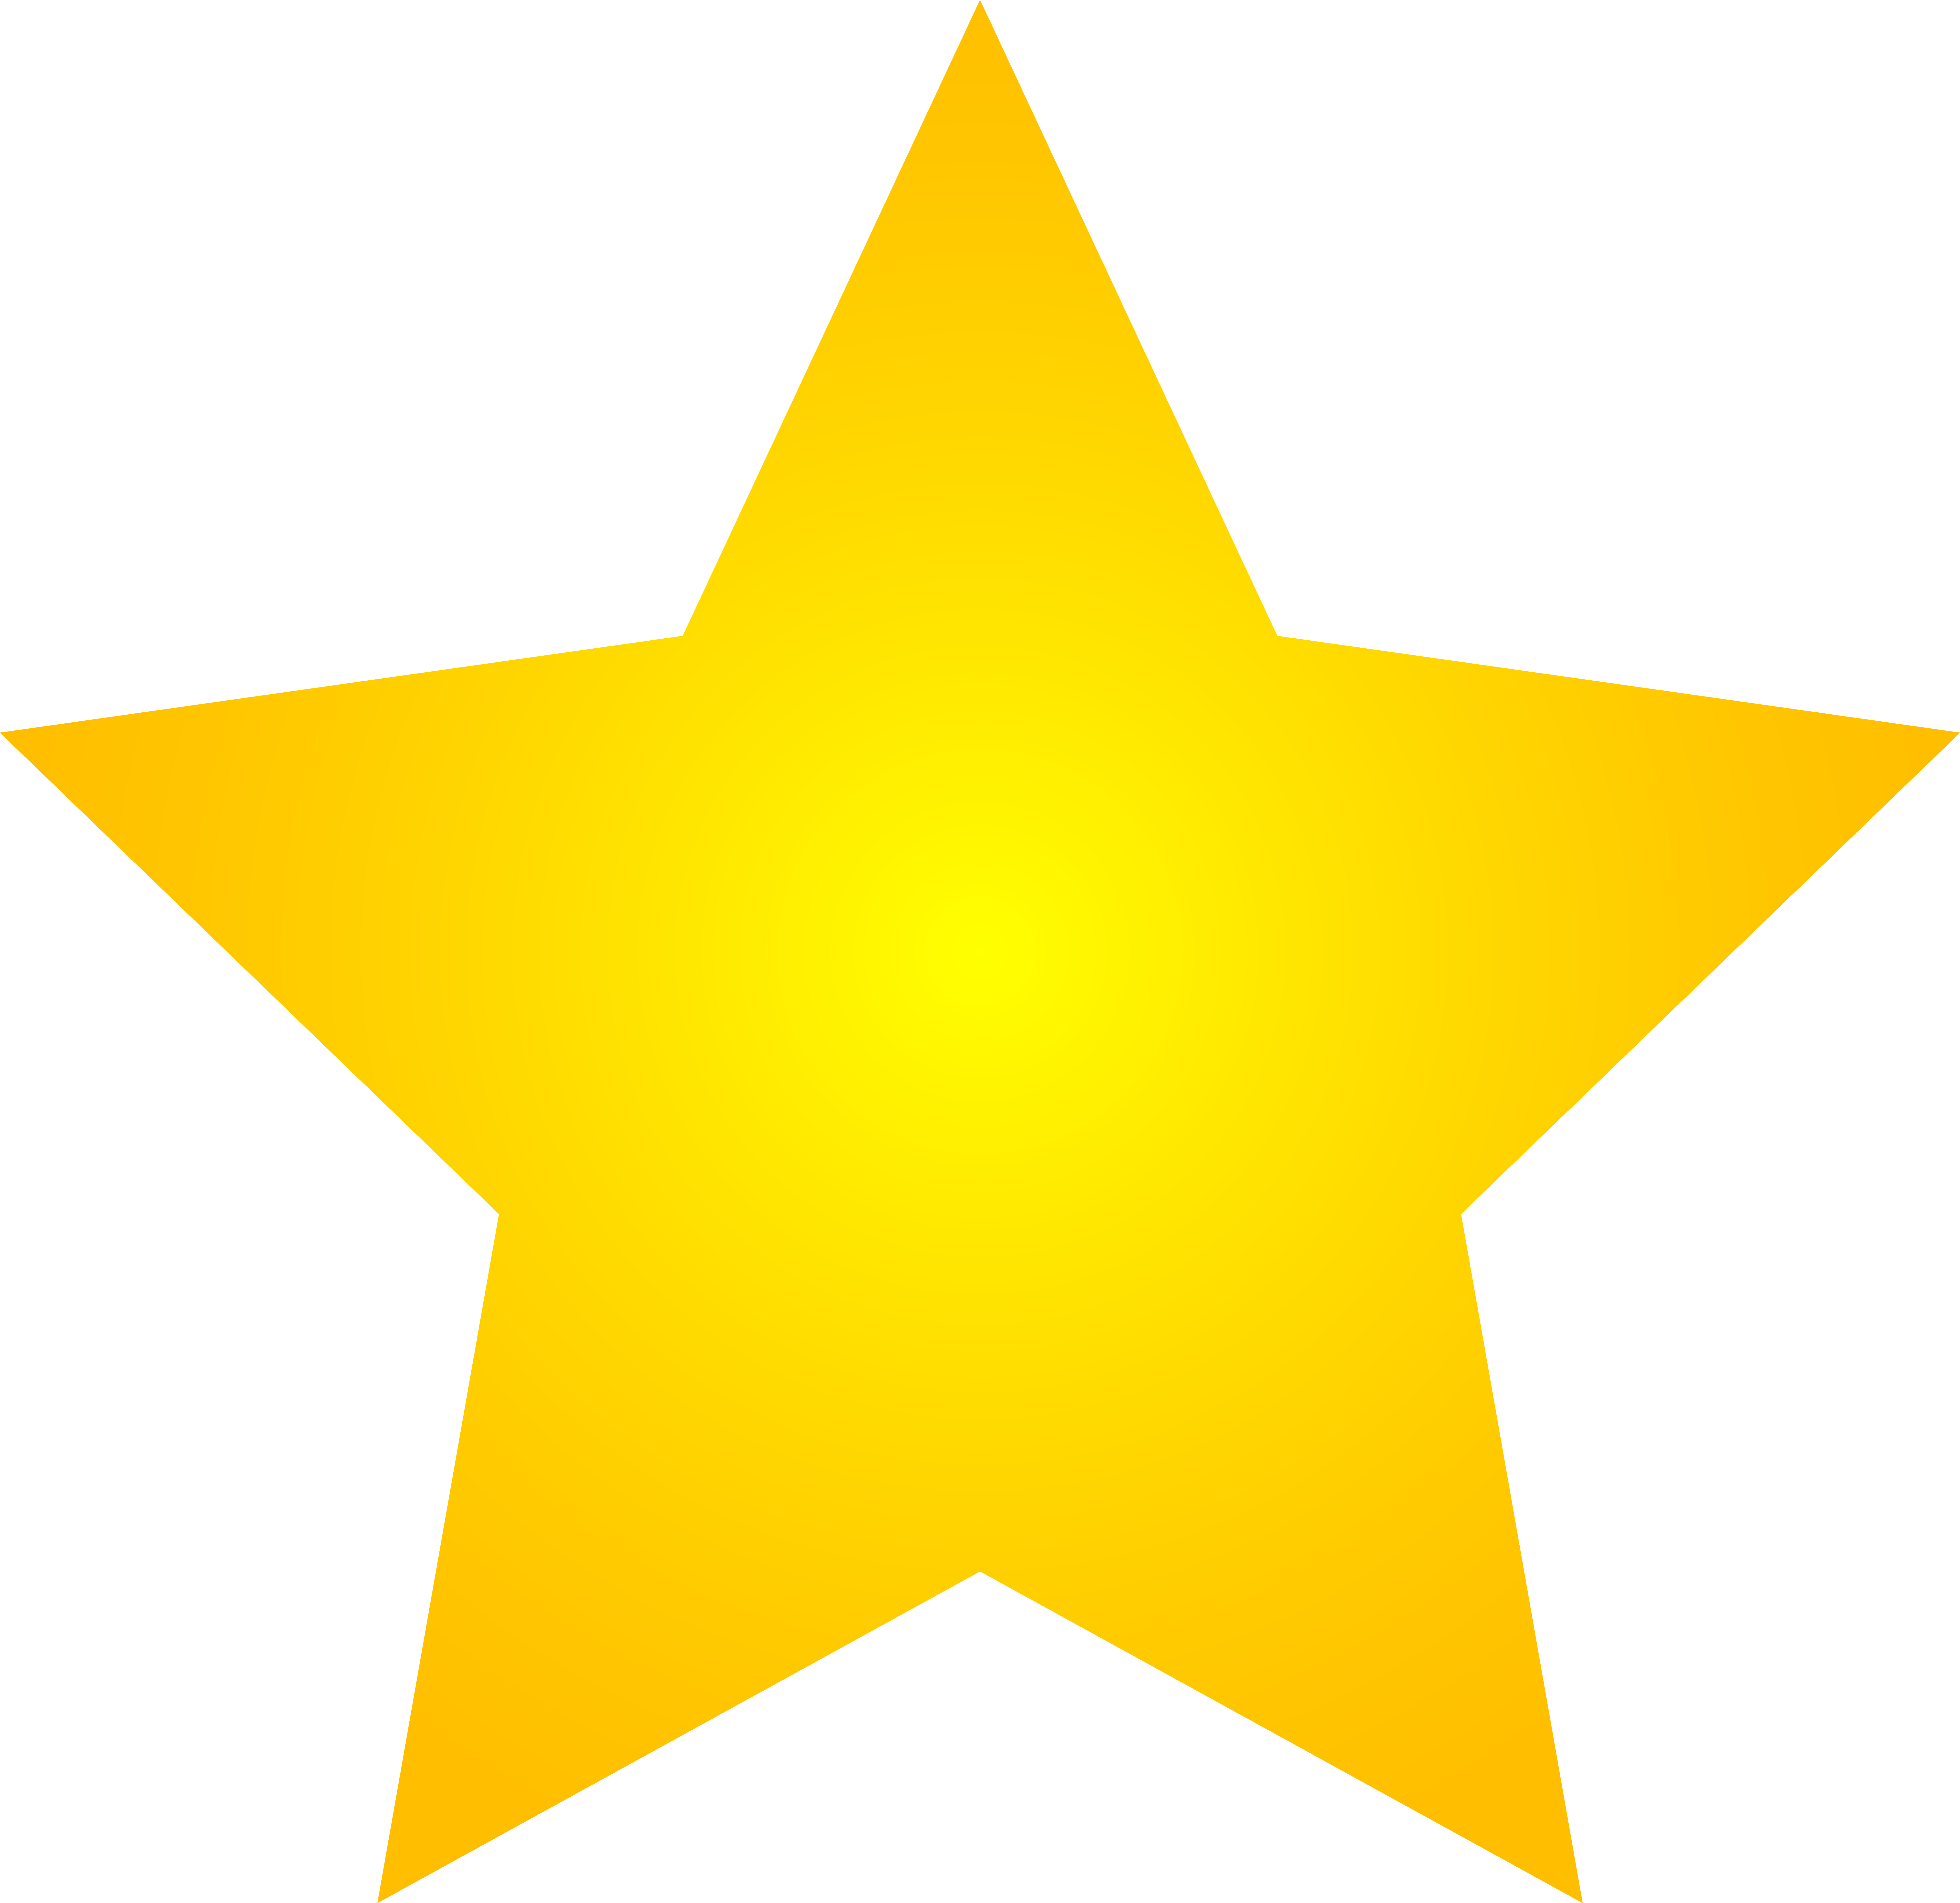 8029x7795 Big Gold Star